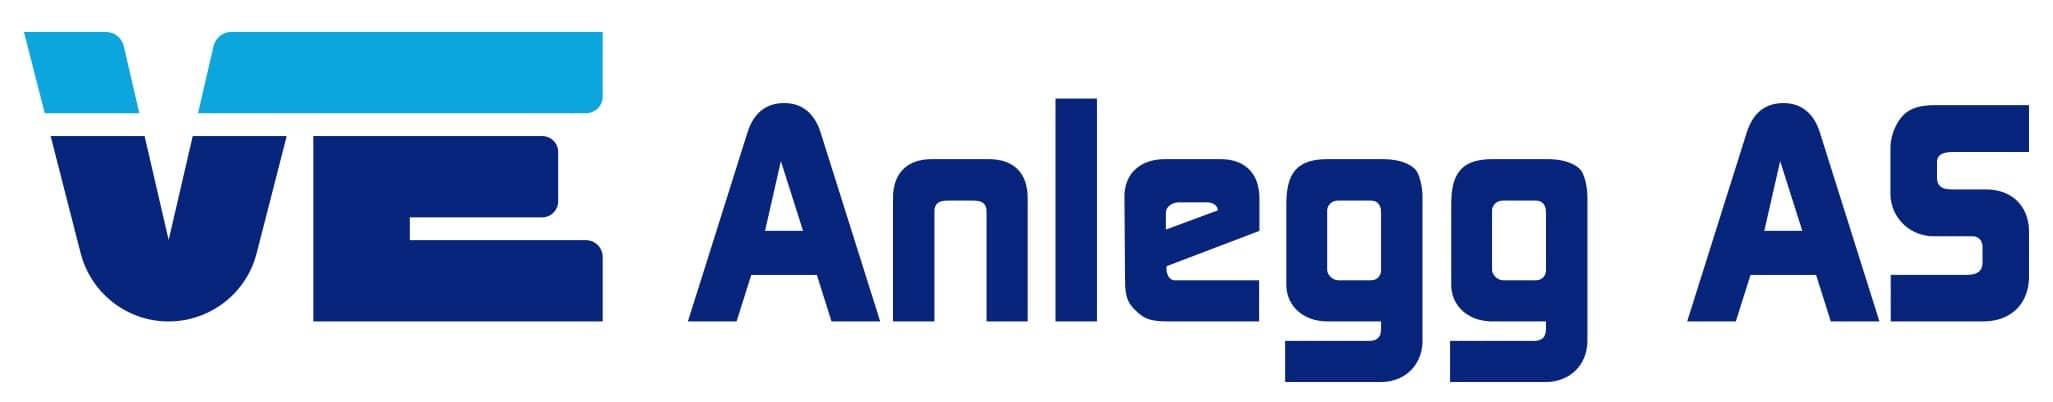 VE Anlegg - logo.jpg